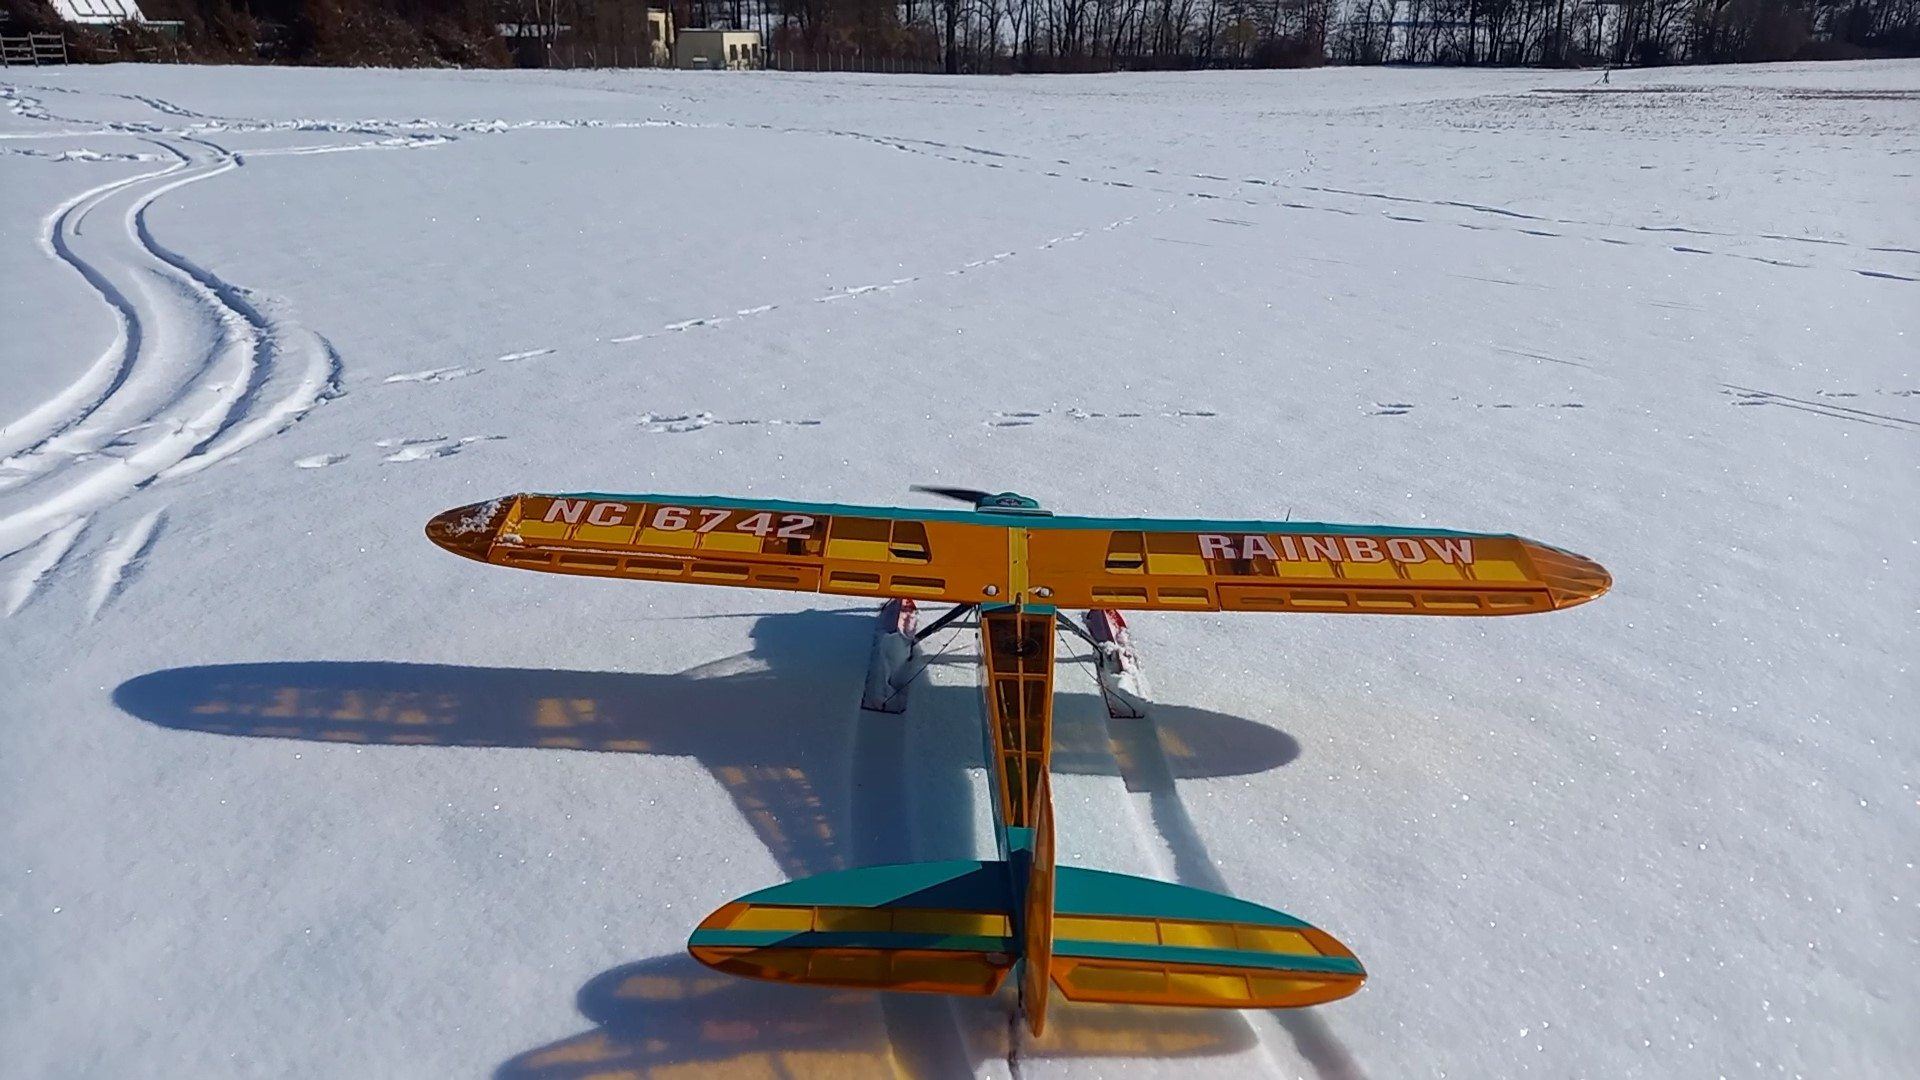 Rainbow 1600 (Phoenix) mit Schneeausrüstung